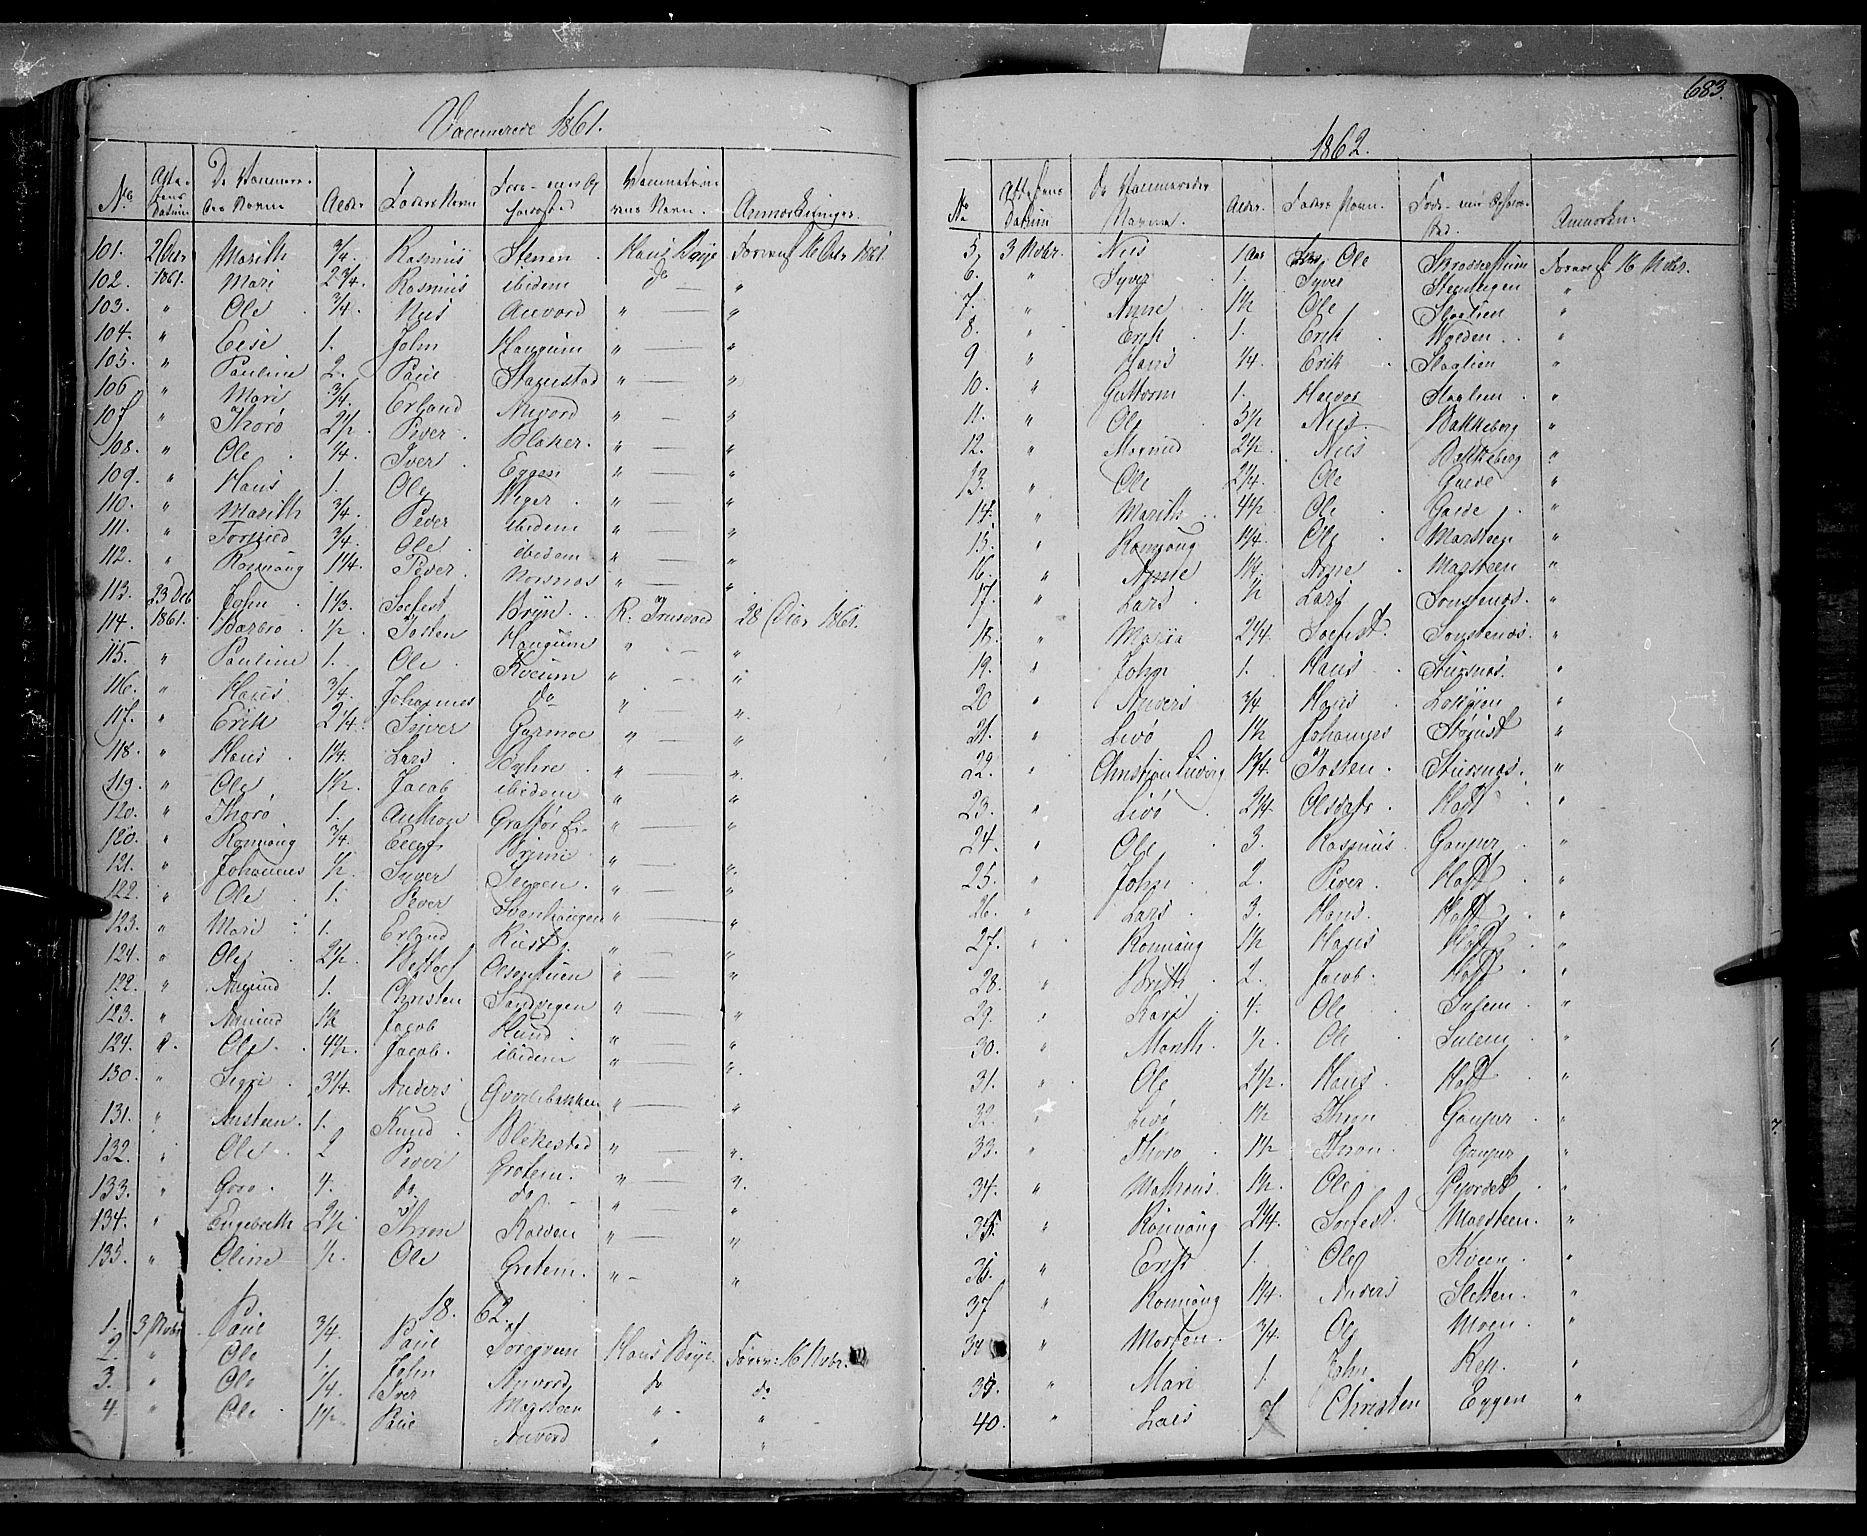 SAH, Lom prestekontor, K/L0006: Ministerialbok nr. 6B, 1837-1863, s. 683